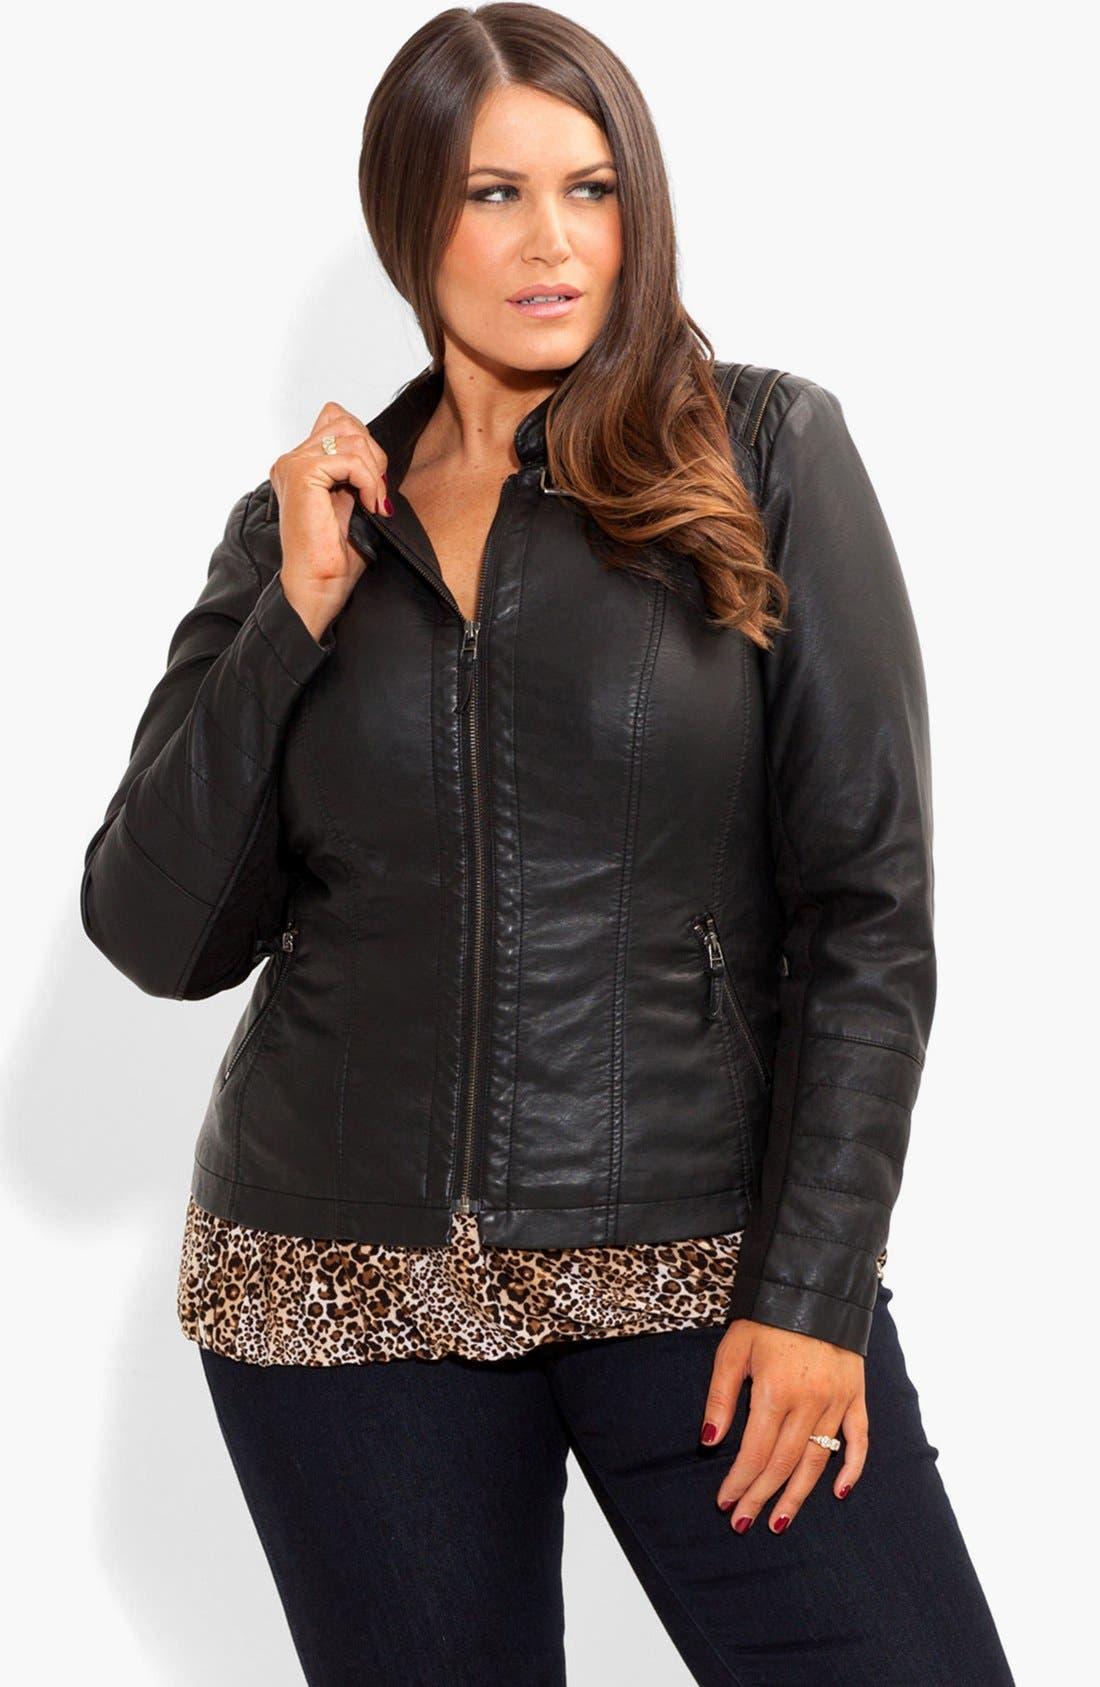 Main Image - City Chic Faux Leather Biker Jacket (Plus Size)